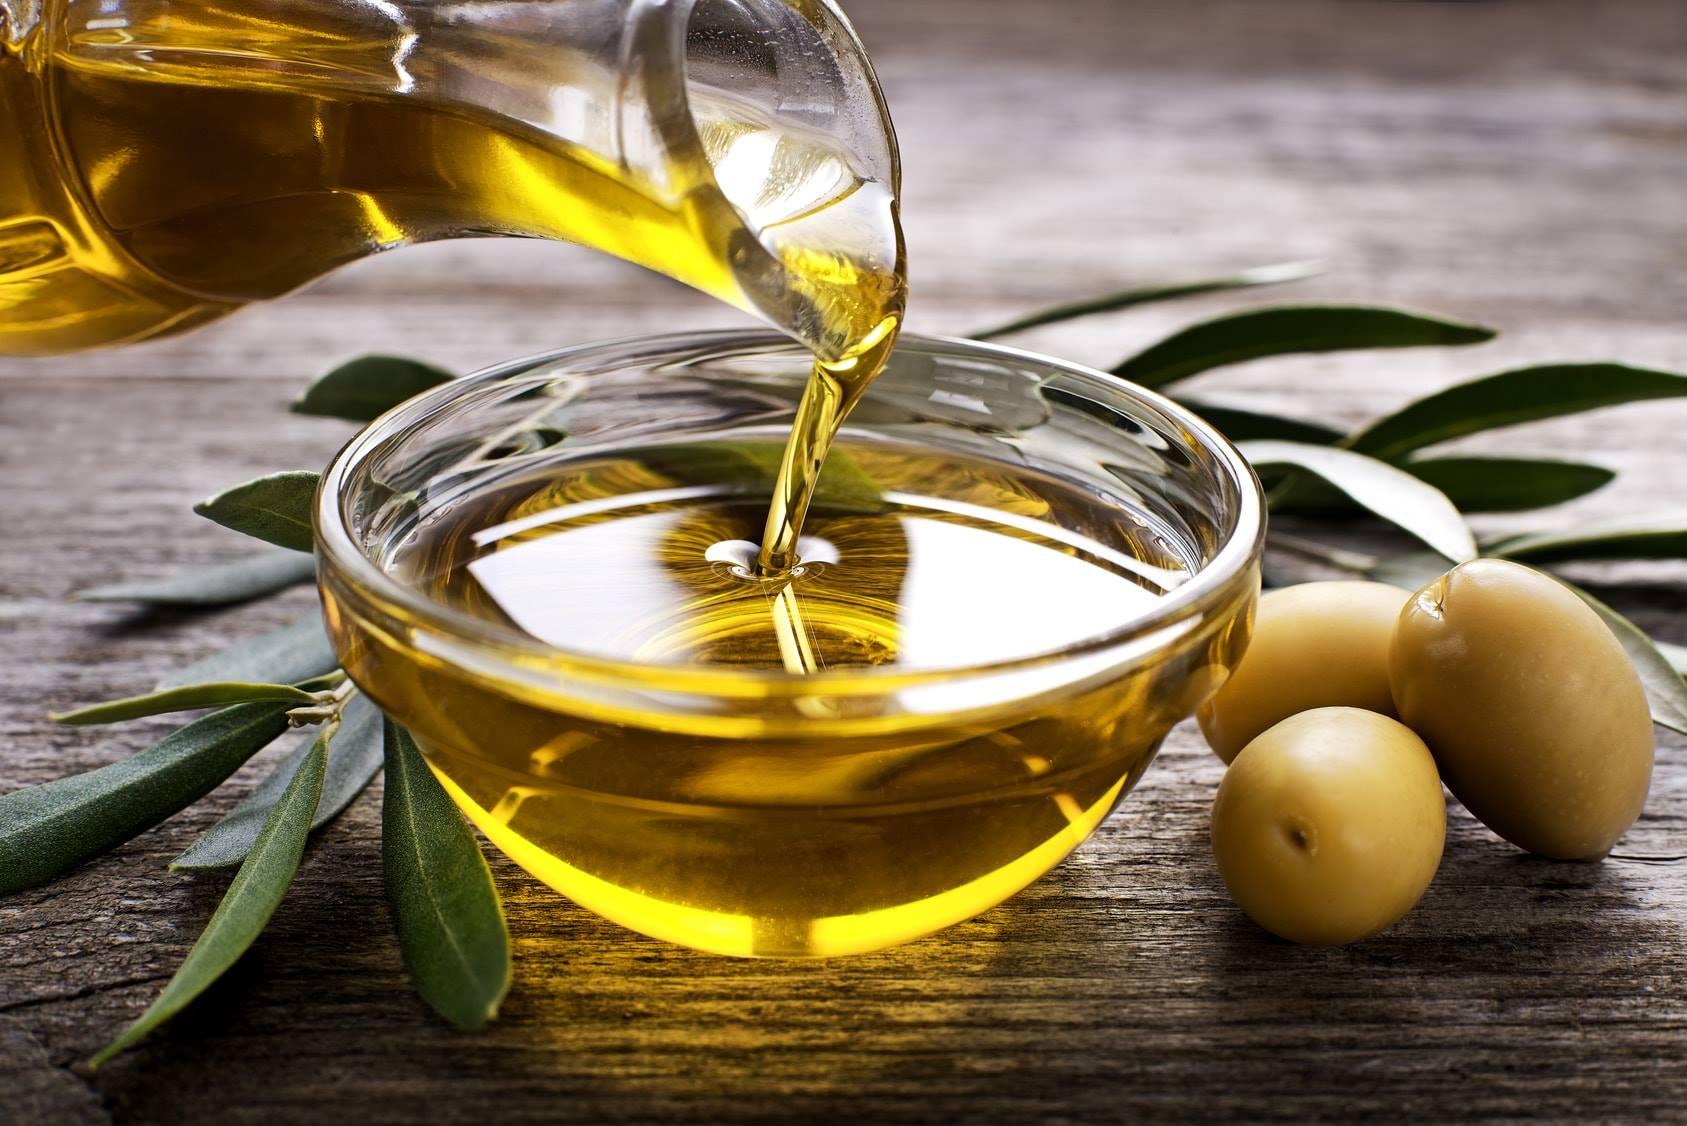 Nuova conferma scientifica sull'olio d'oliva - Protegge dai tumori al colon!